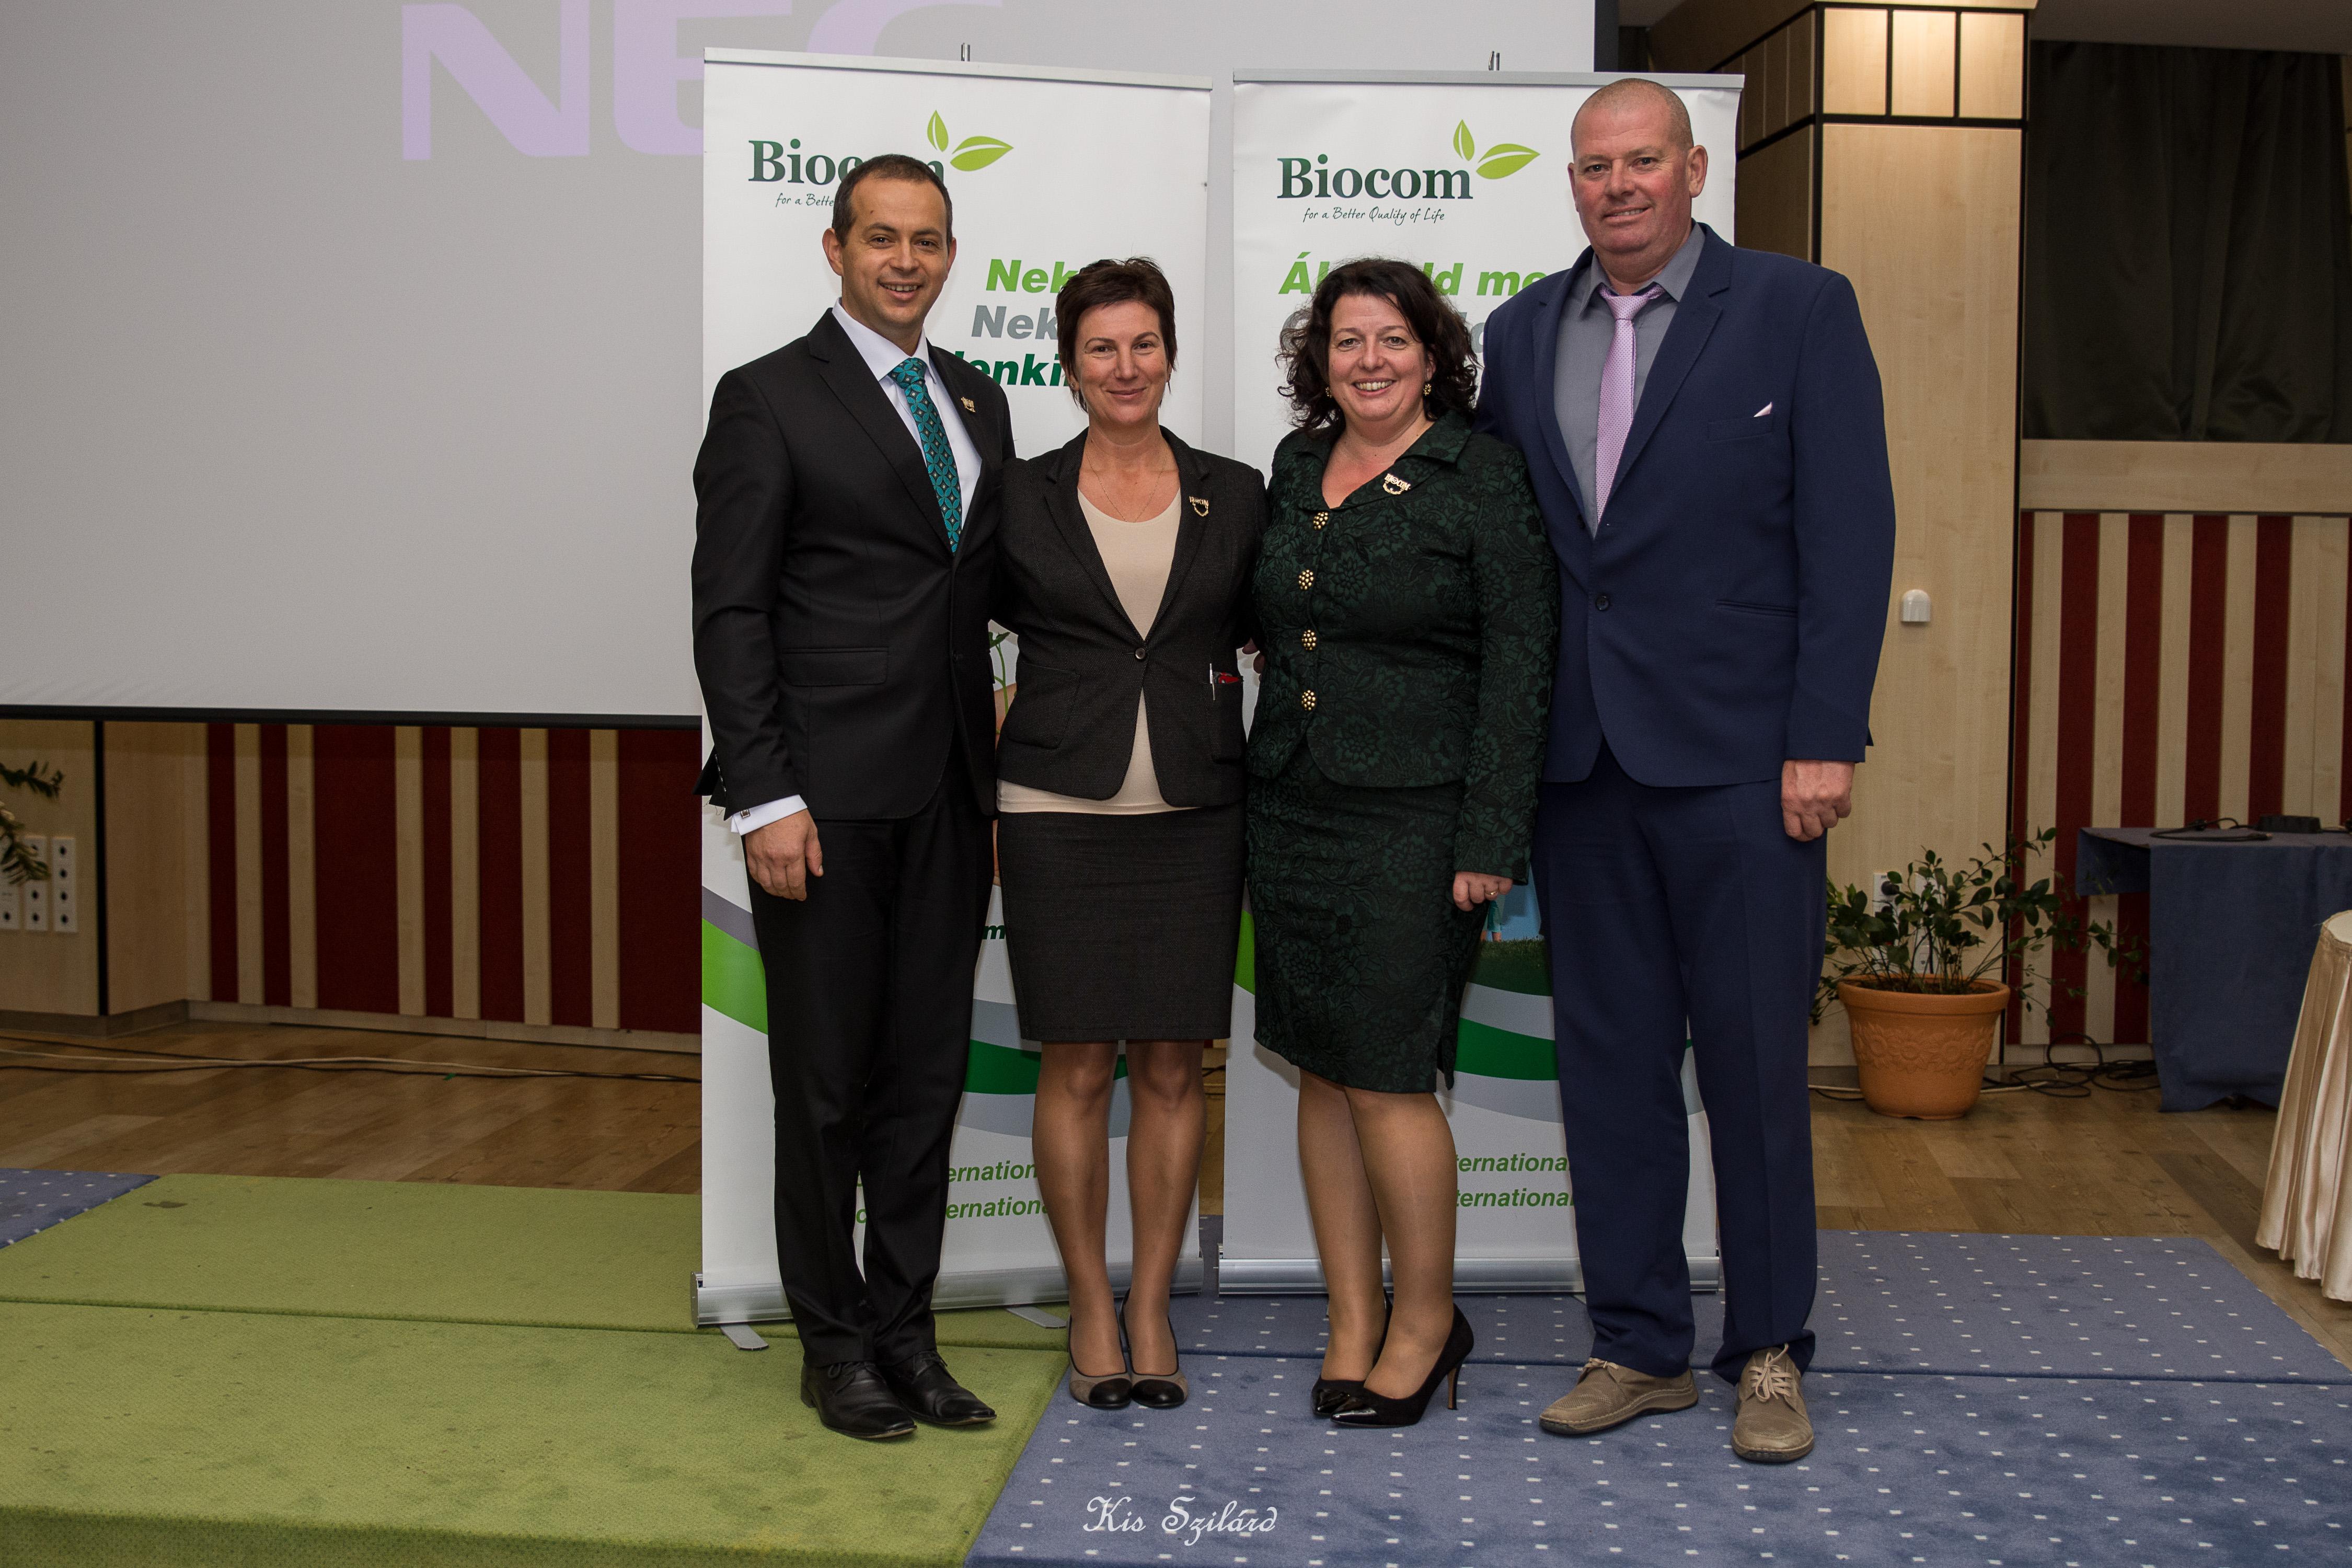 biocom.10.15.2017 (402 of 417)